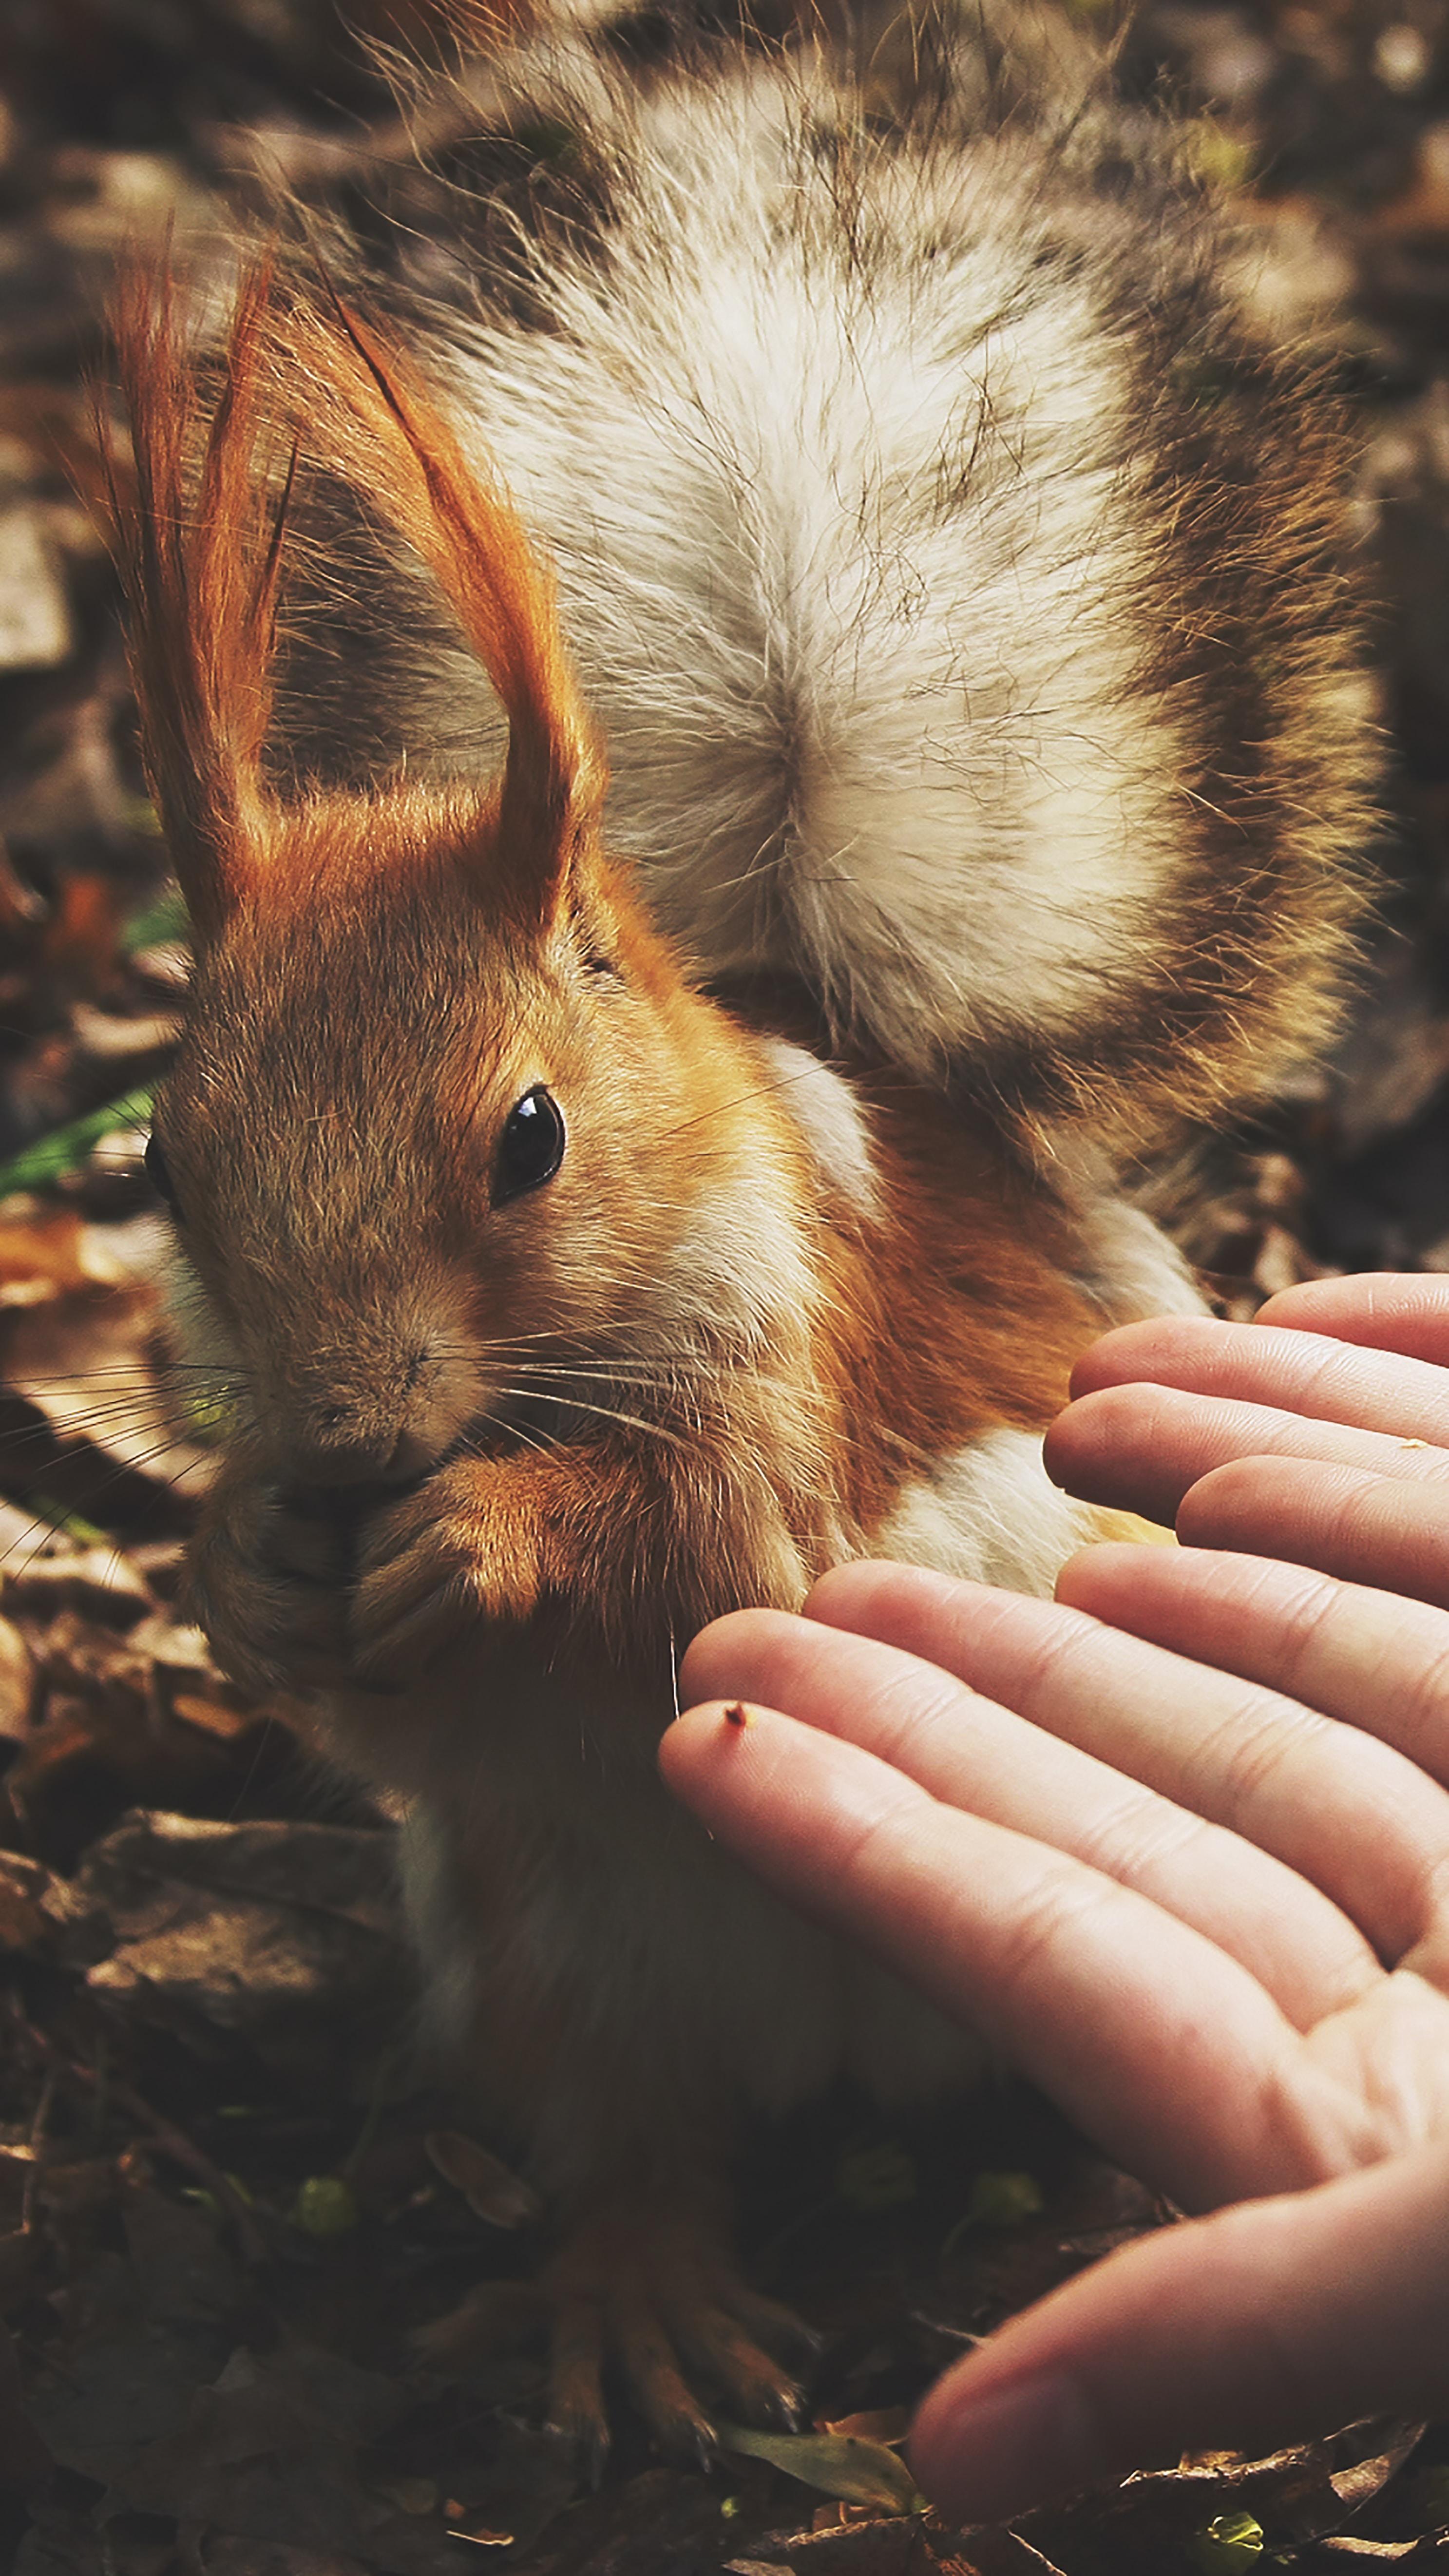 squirrel beside human hands